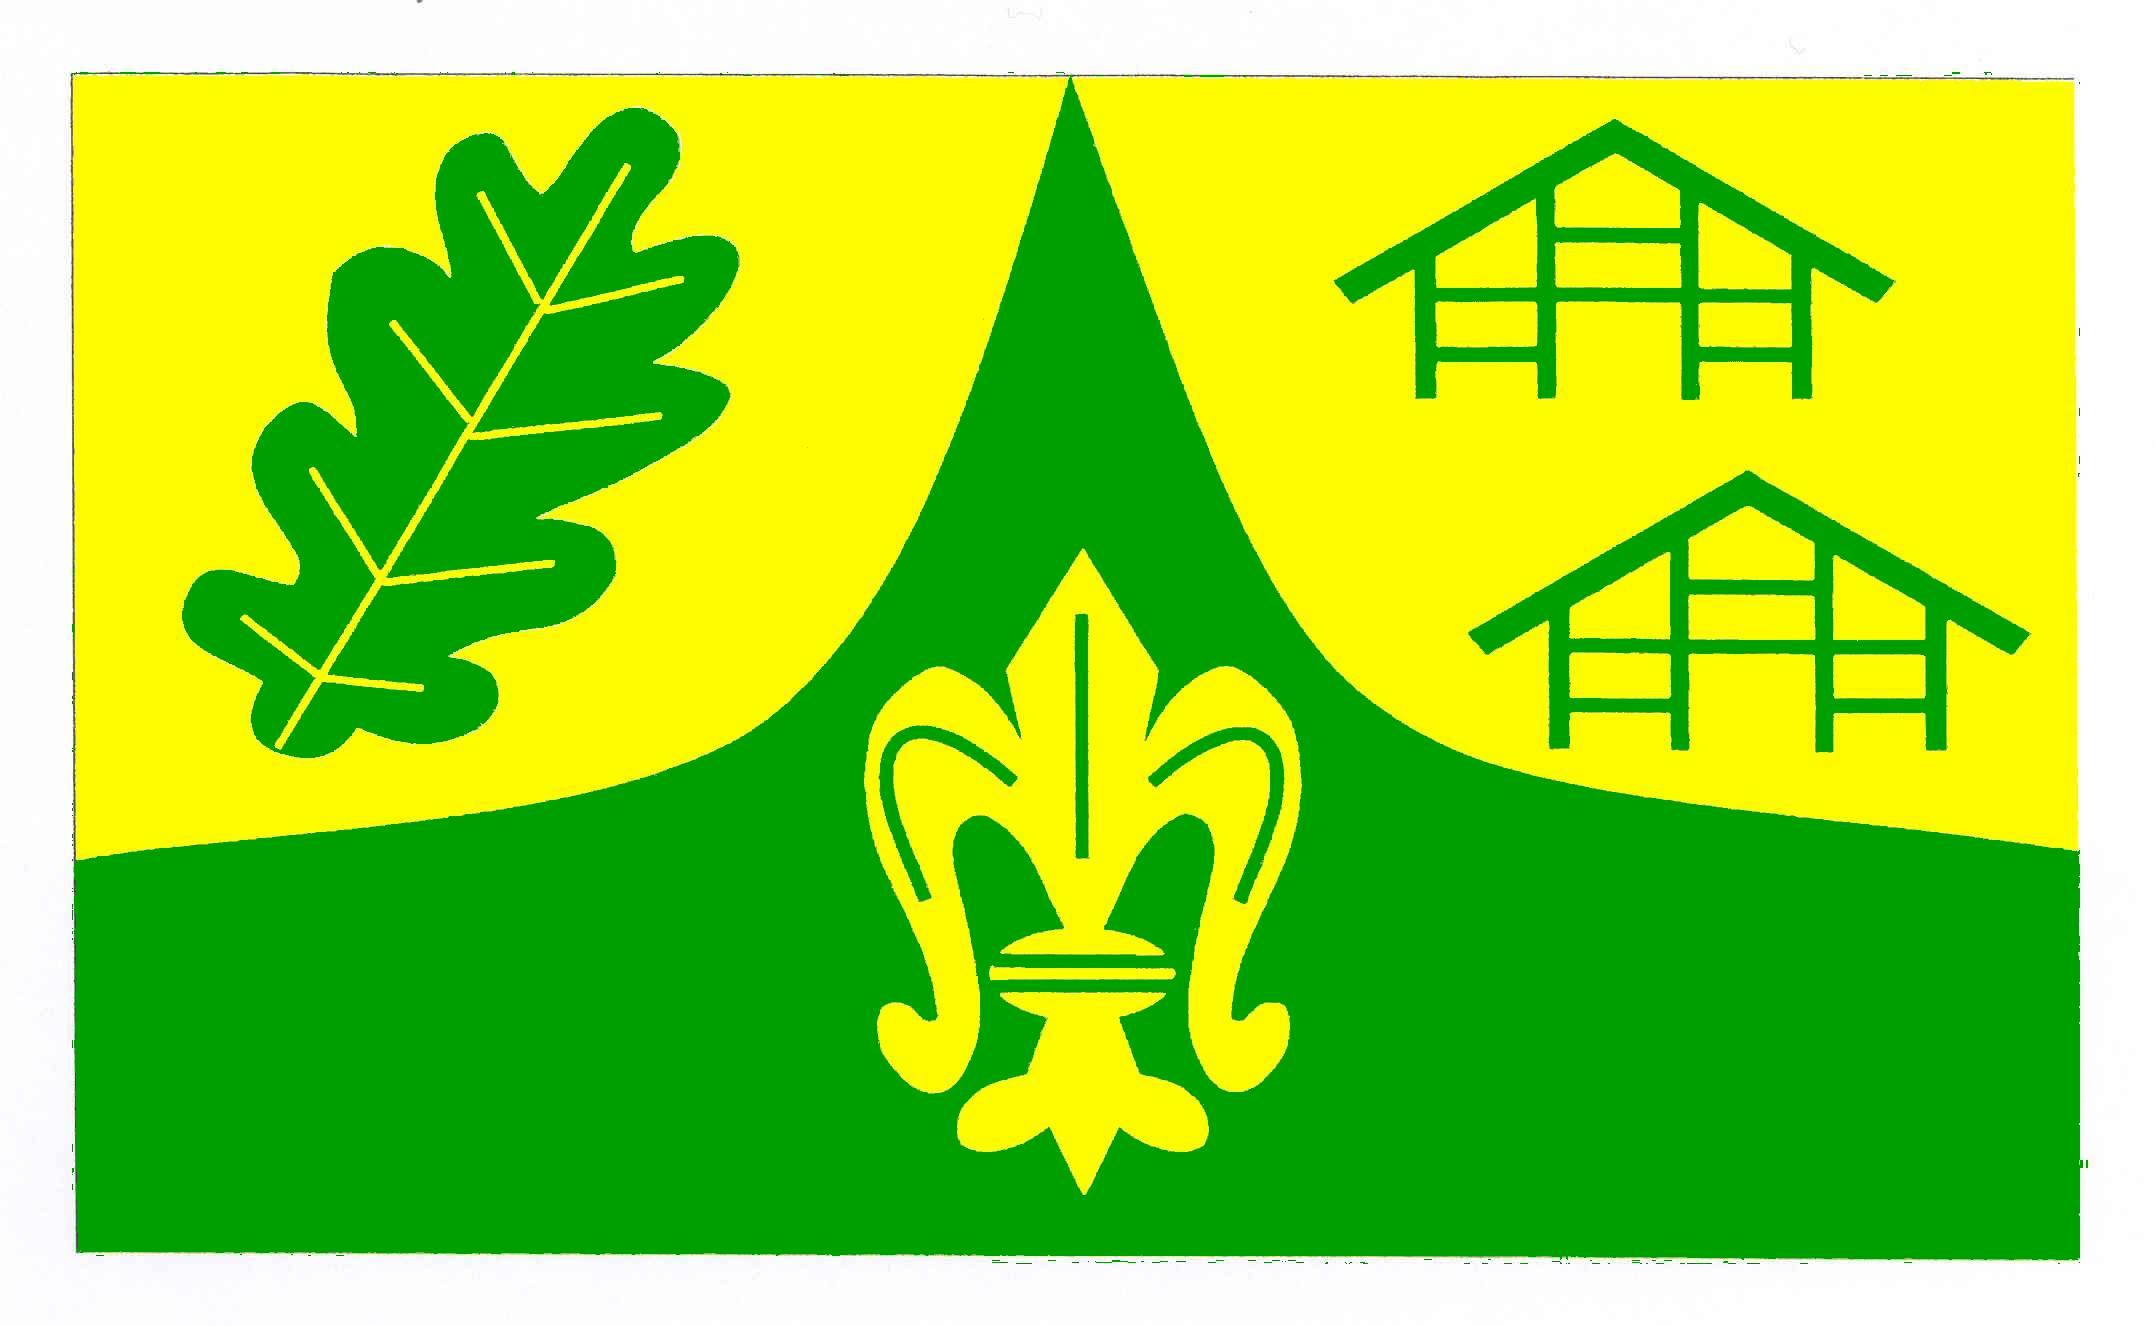 Flagge GemeindeDahmker, Kreis Herzogtum Lauenburg